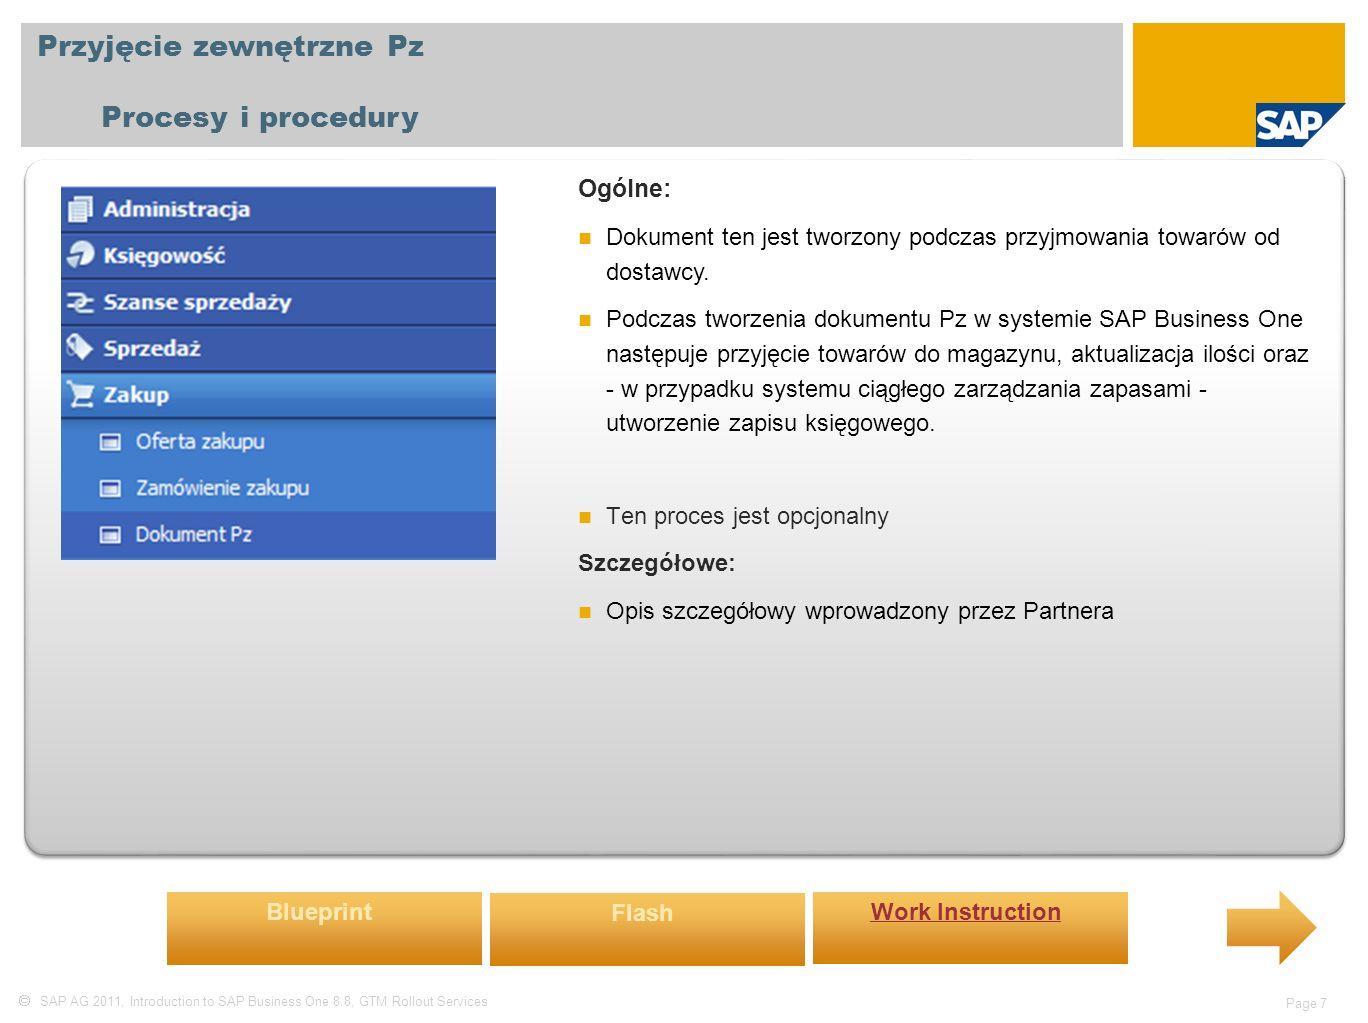  SAP AG 2011, Introduction to SAP Business One 8.8, GTM Rollout Services Page 7 Przyjęcie zewnętrzne Pz Procesy i procedury Ogólne: Dokument ten jest tworzony podczas przyjmowania towarów od dostawcy.